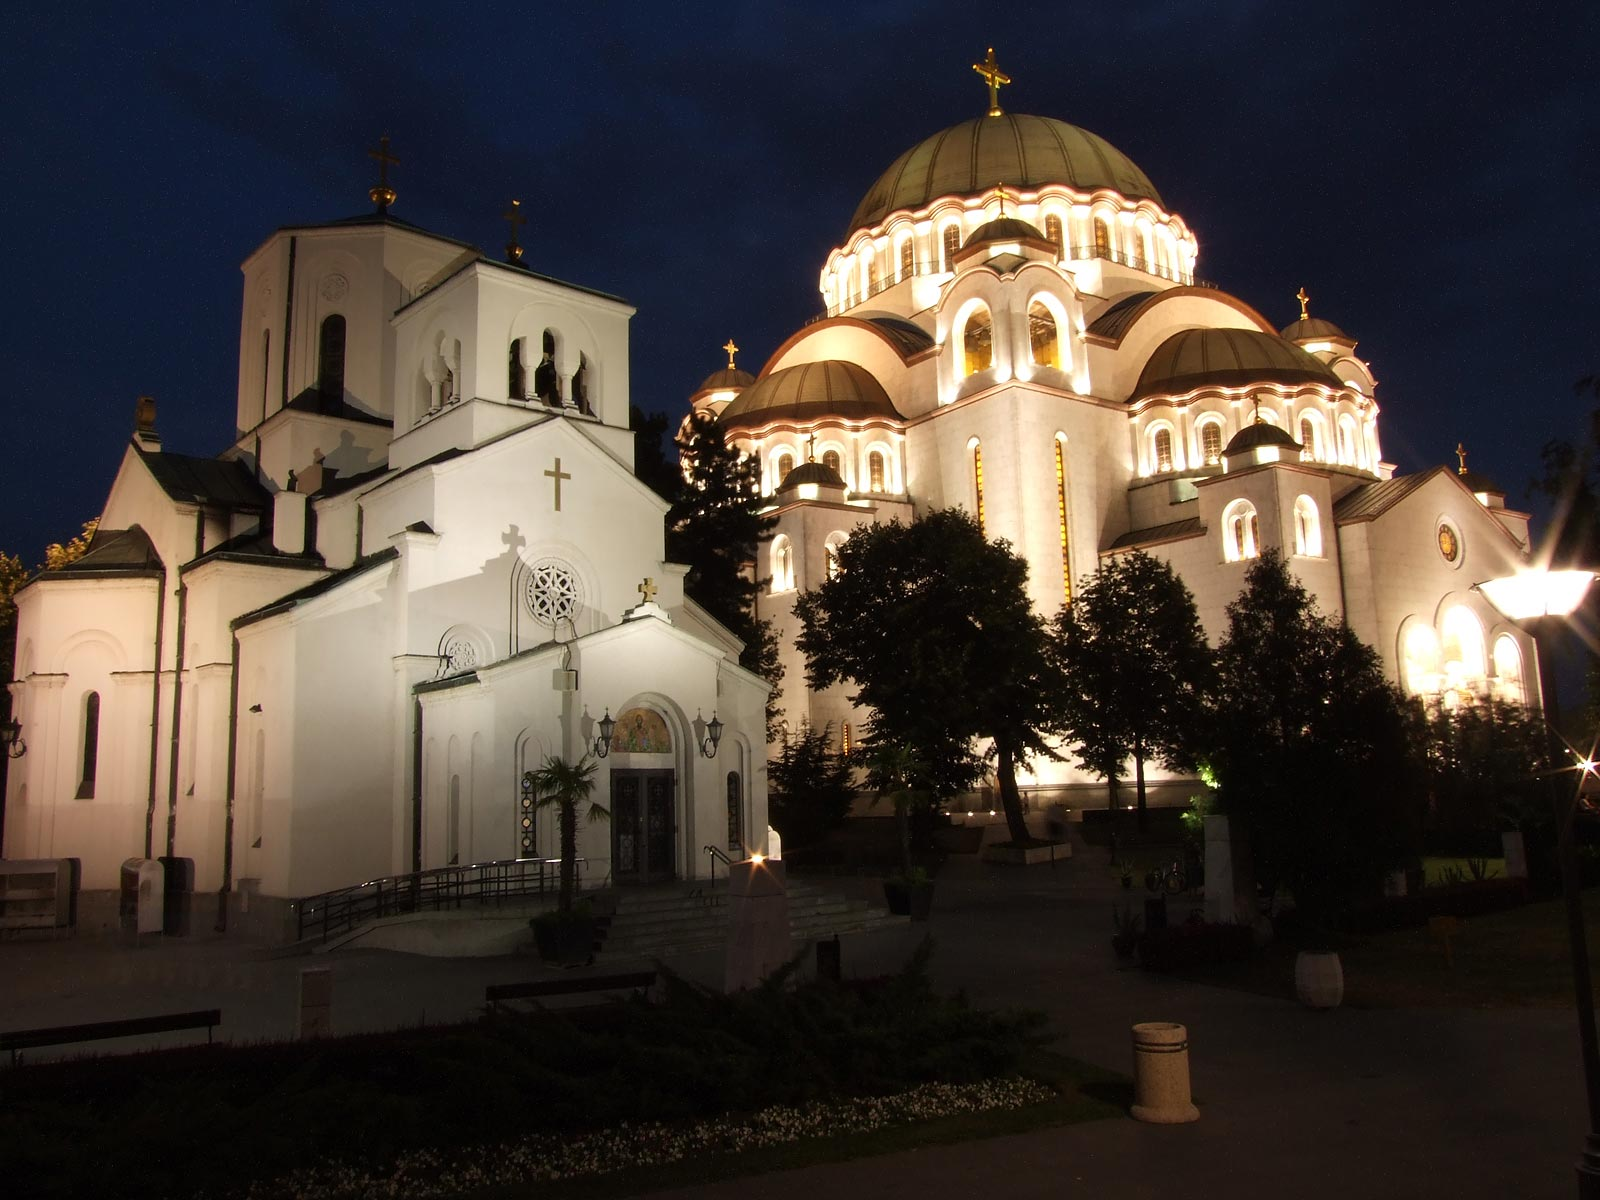 Crkva pored Hrama Svetog Save